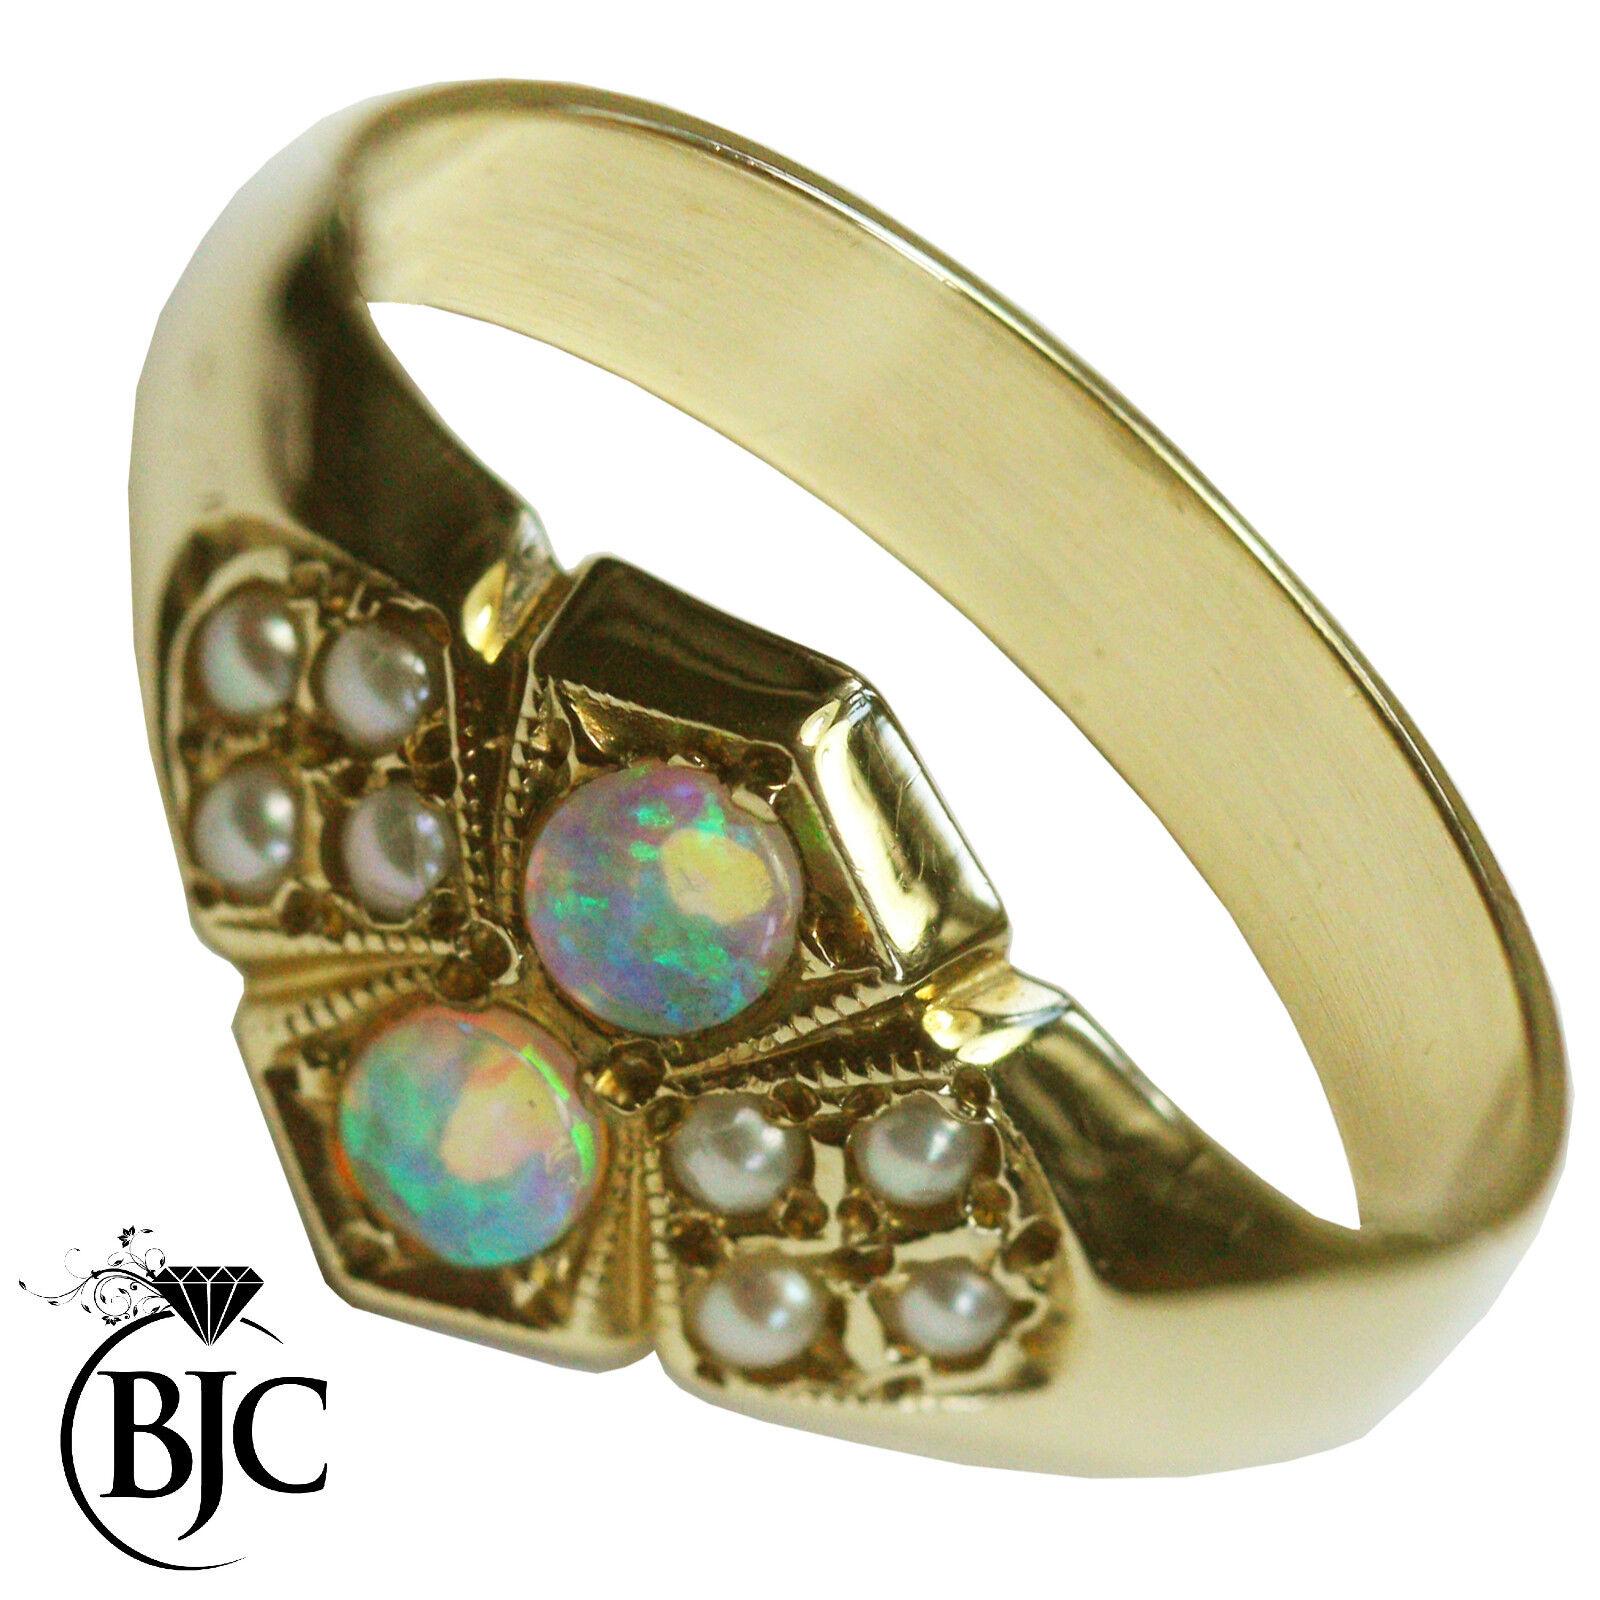 Bjc 9kt gold yellow Naturale Opale & Perla TAGLIA M Stile Gotico Abito Anello